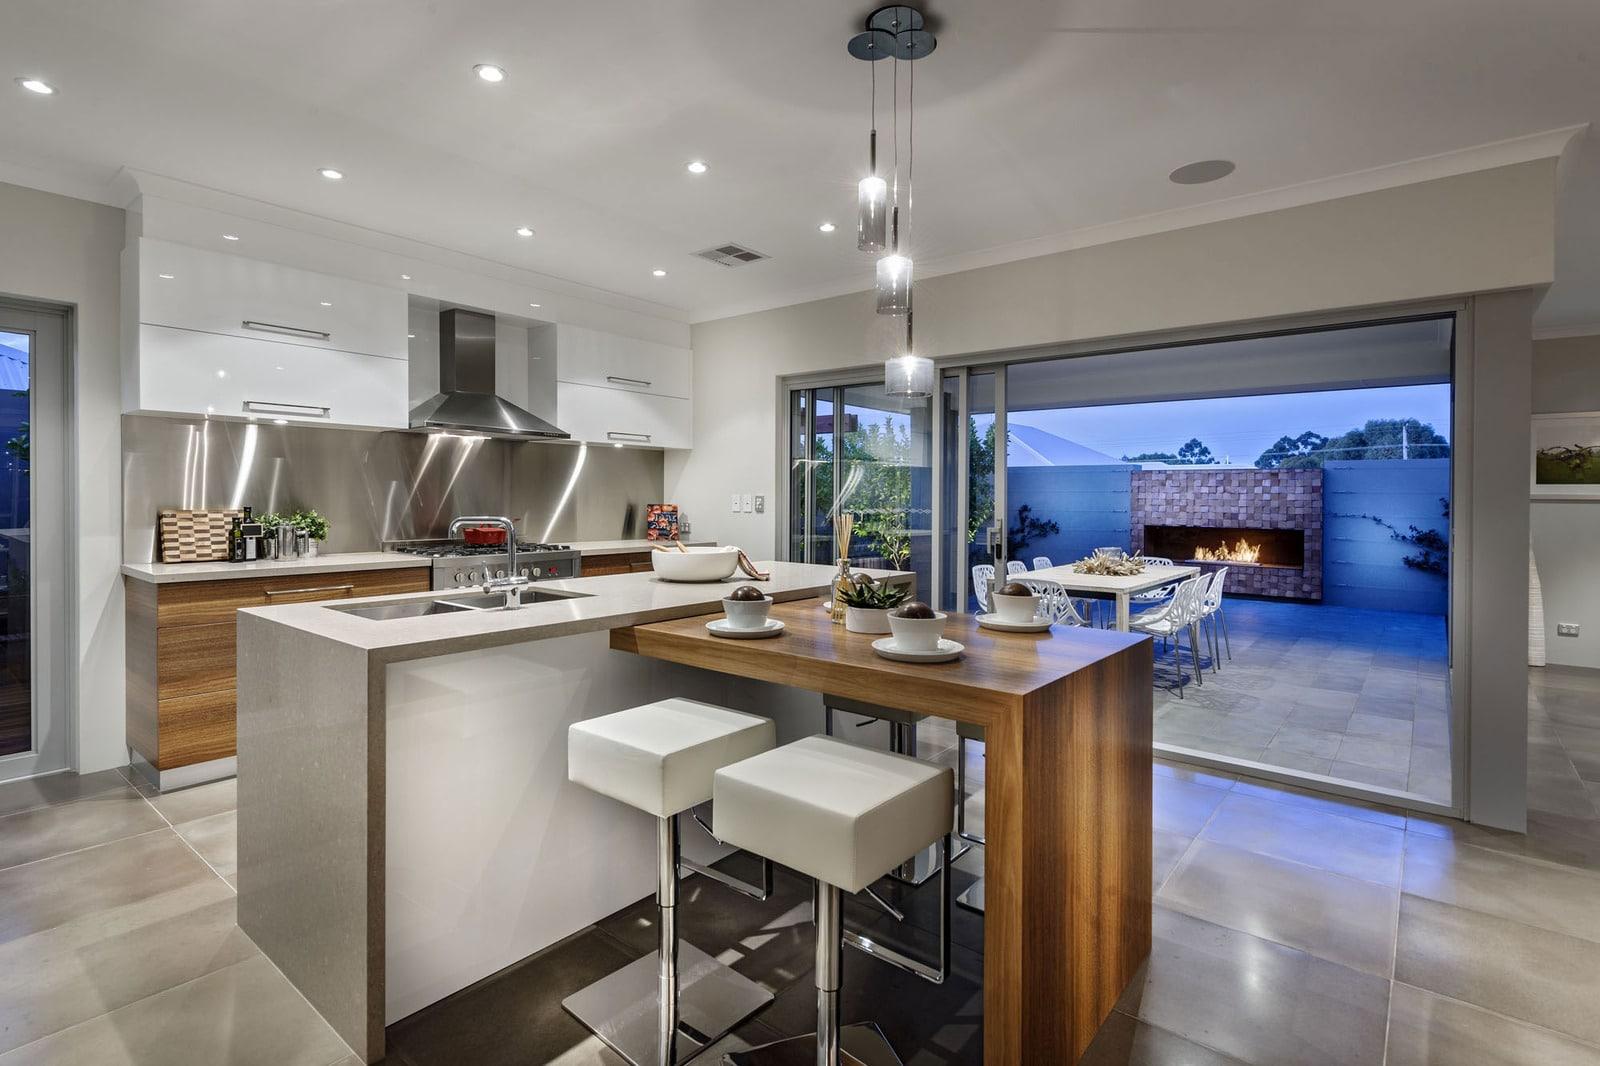 Dise o de casa moderna de dos pisos fachada e interiores for Cocinas modernas apartamentos